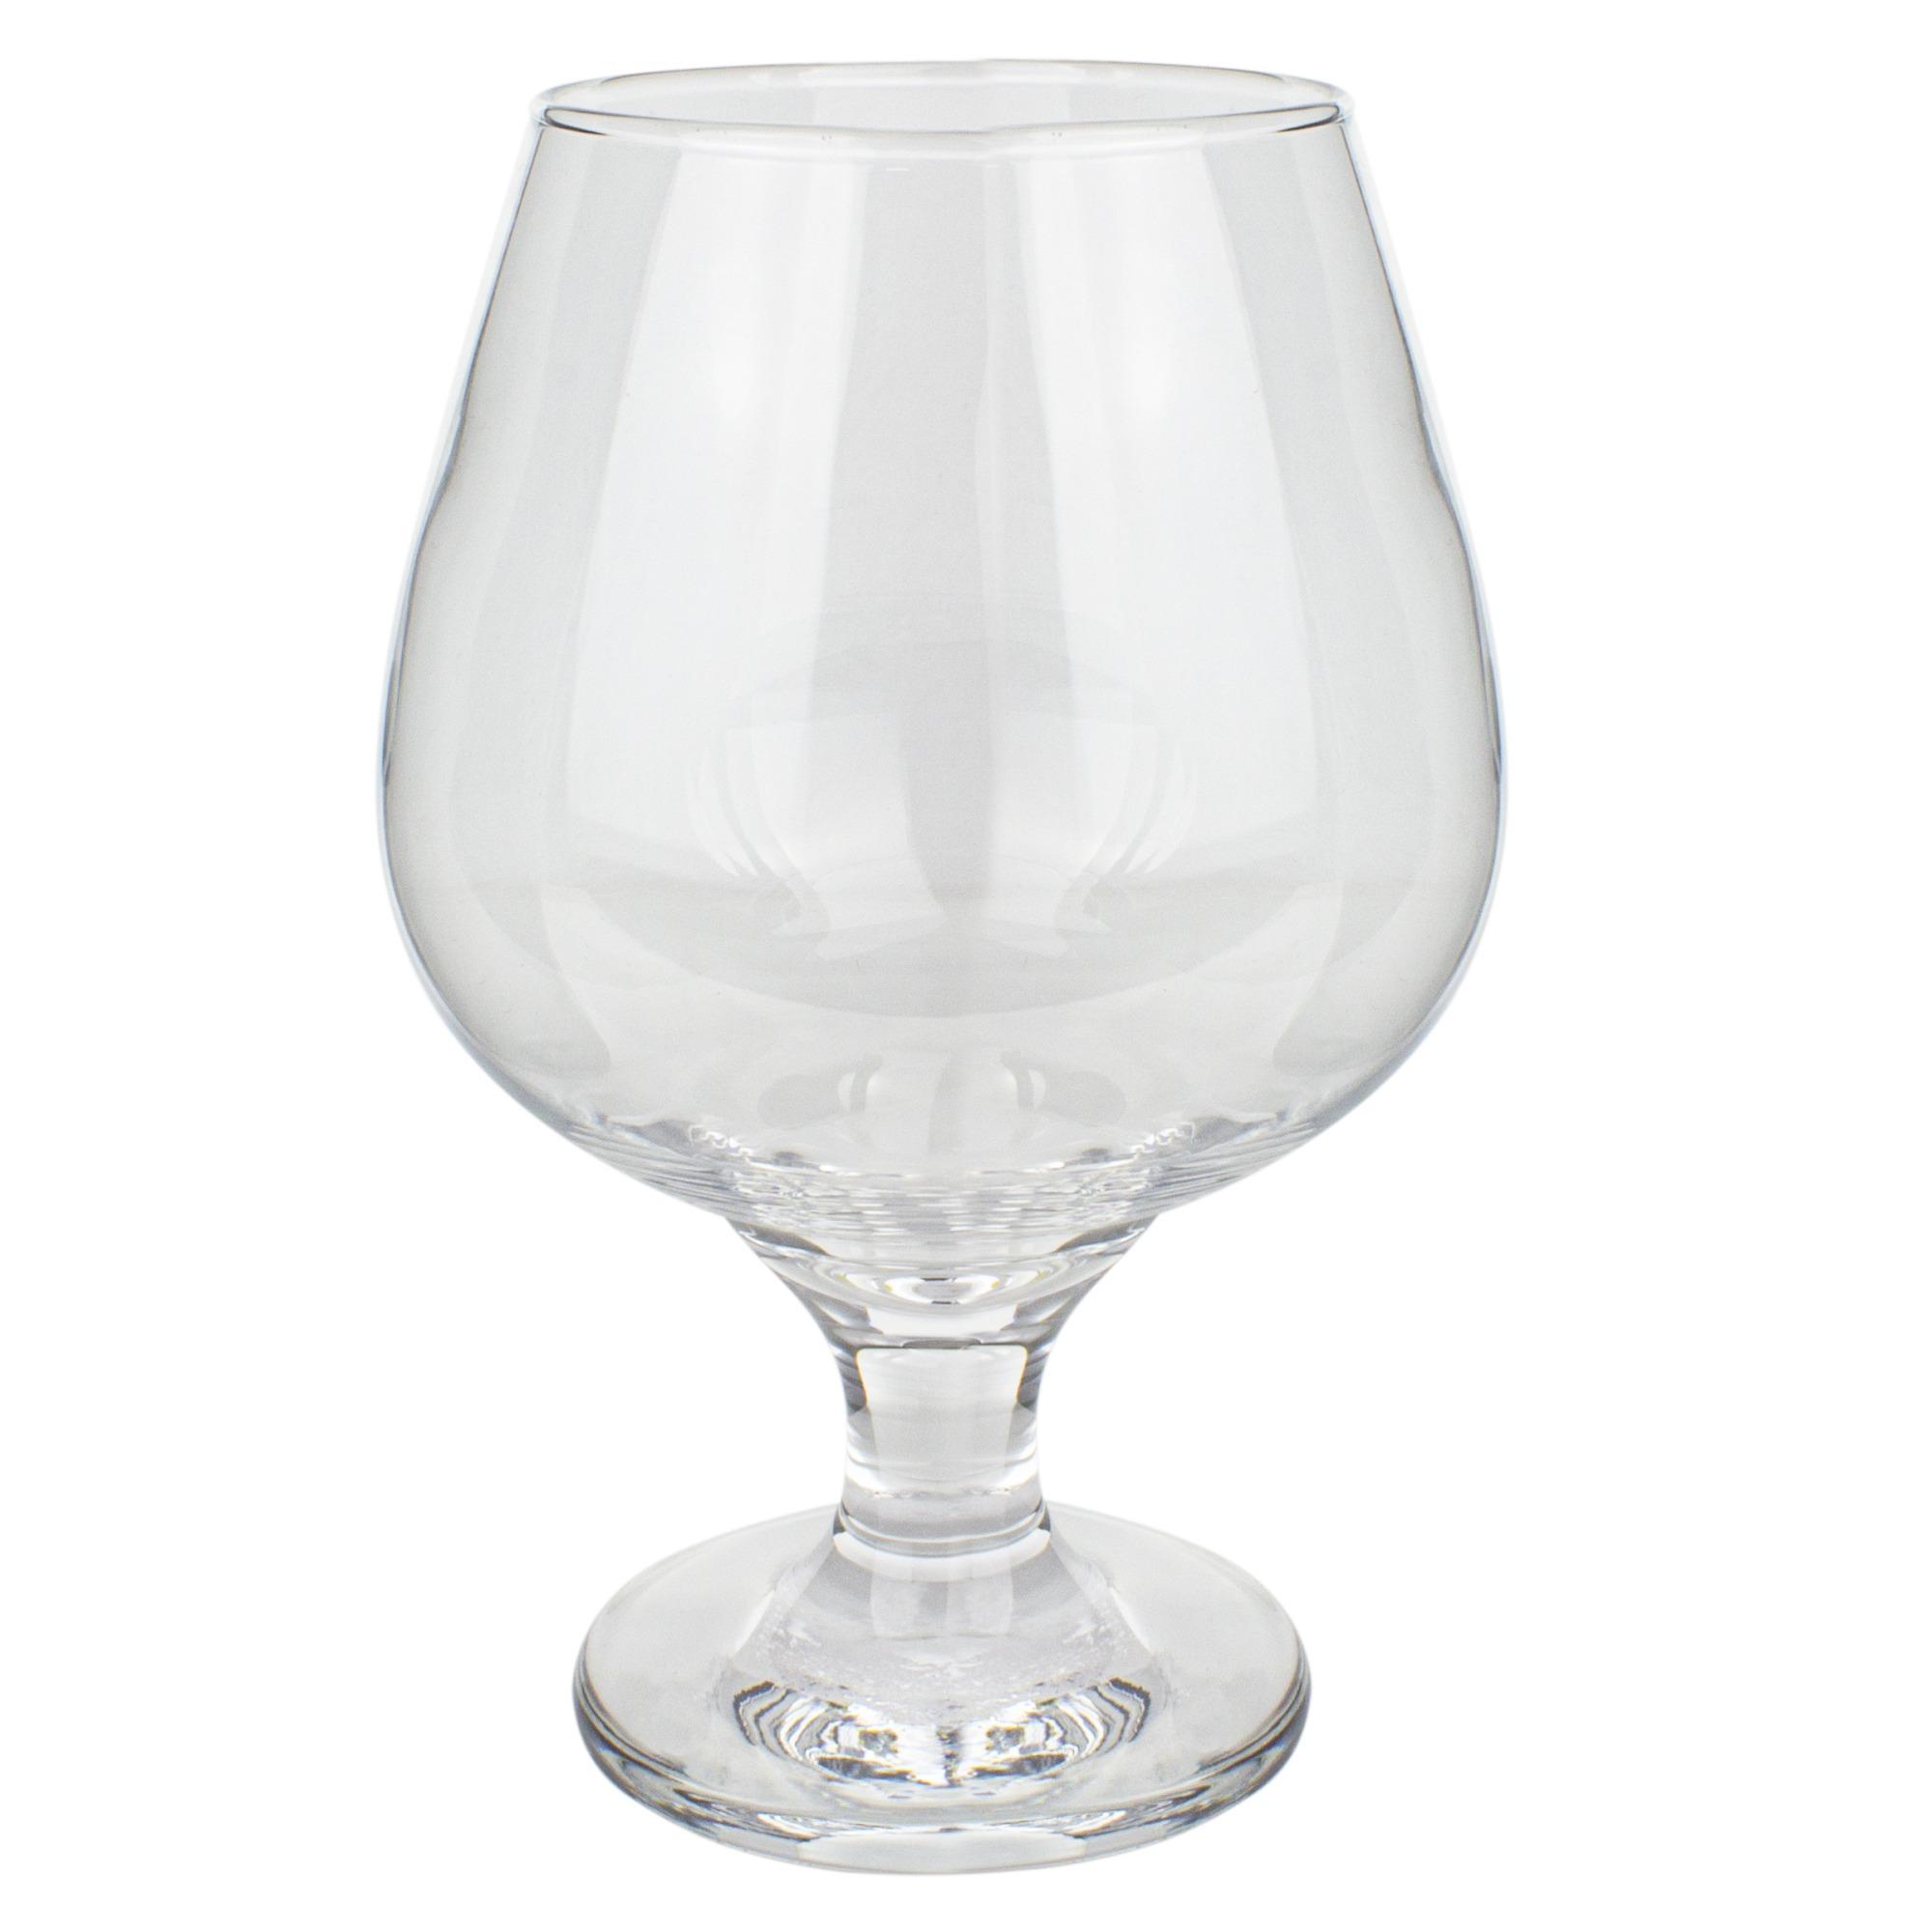 Taca de Conhaque Vidro 330ml Transparente - Windsor Nadir